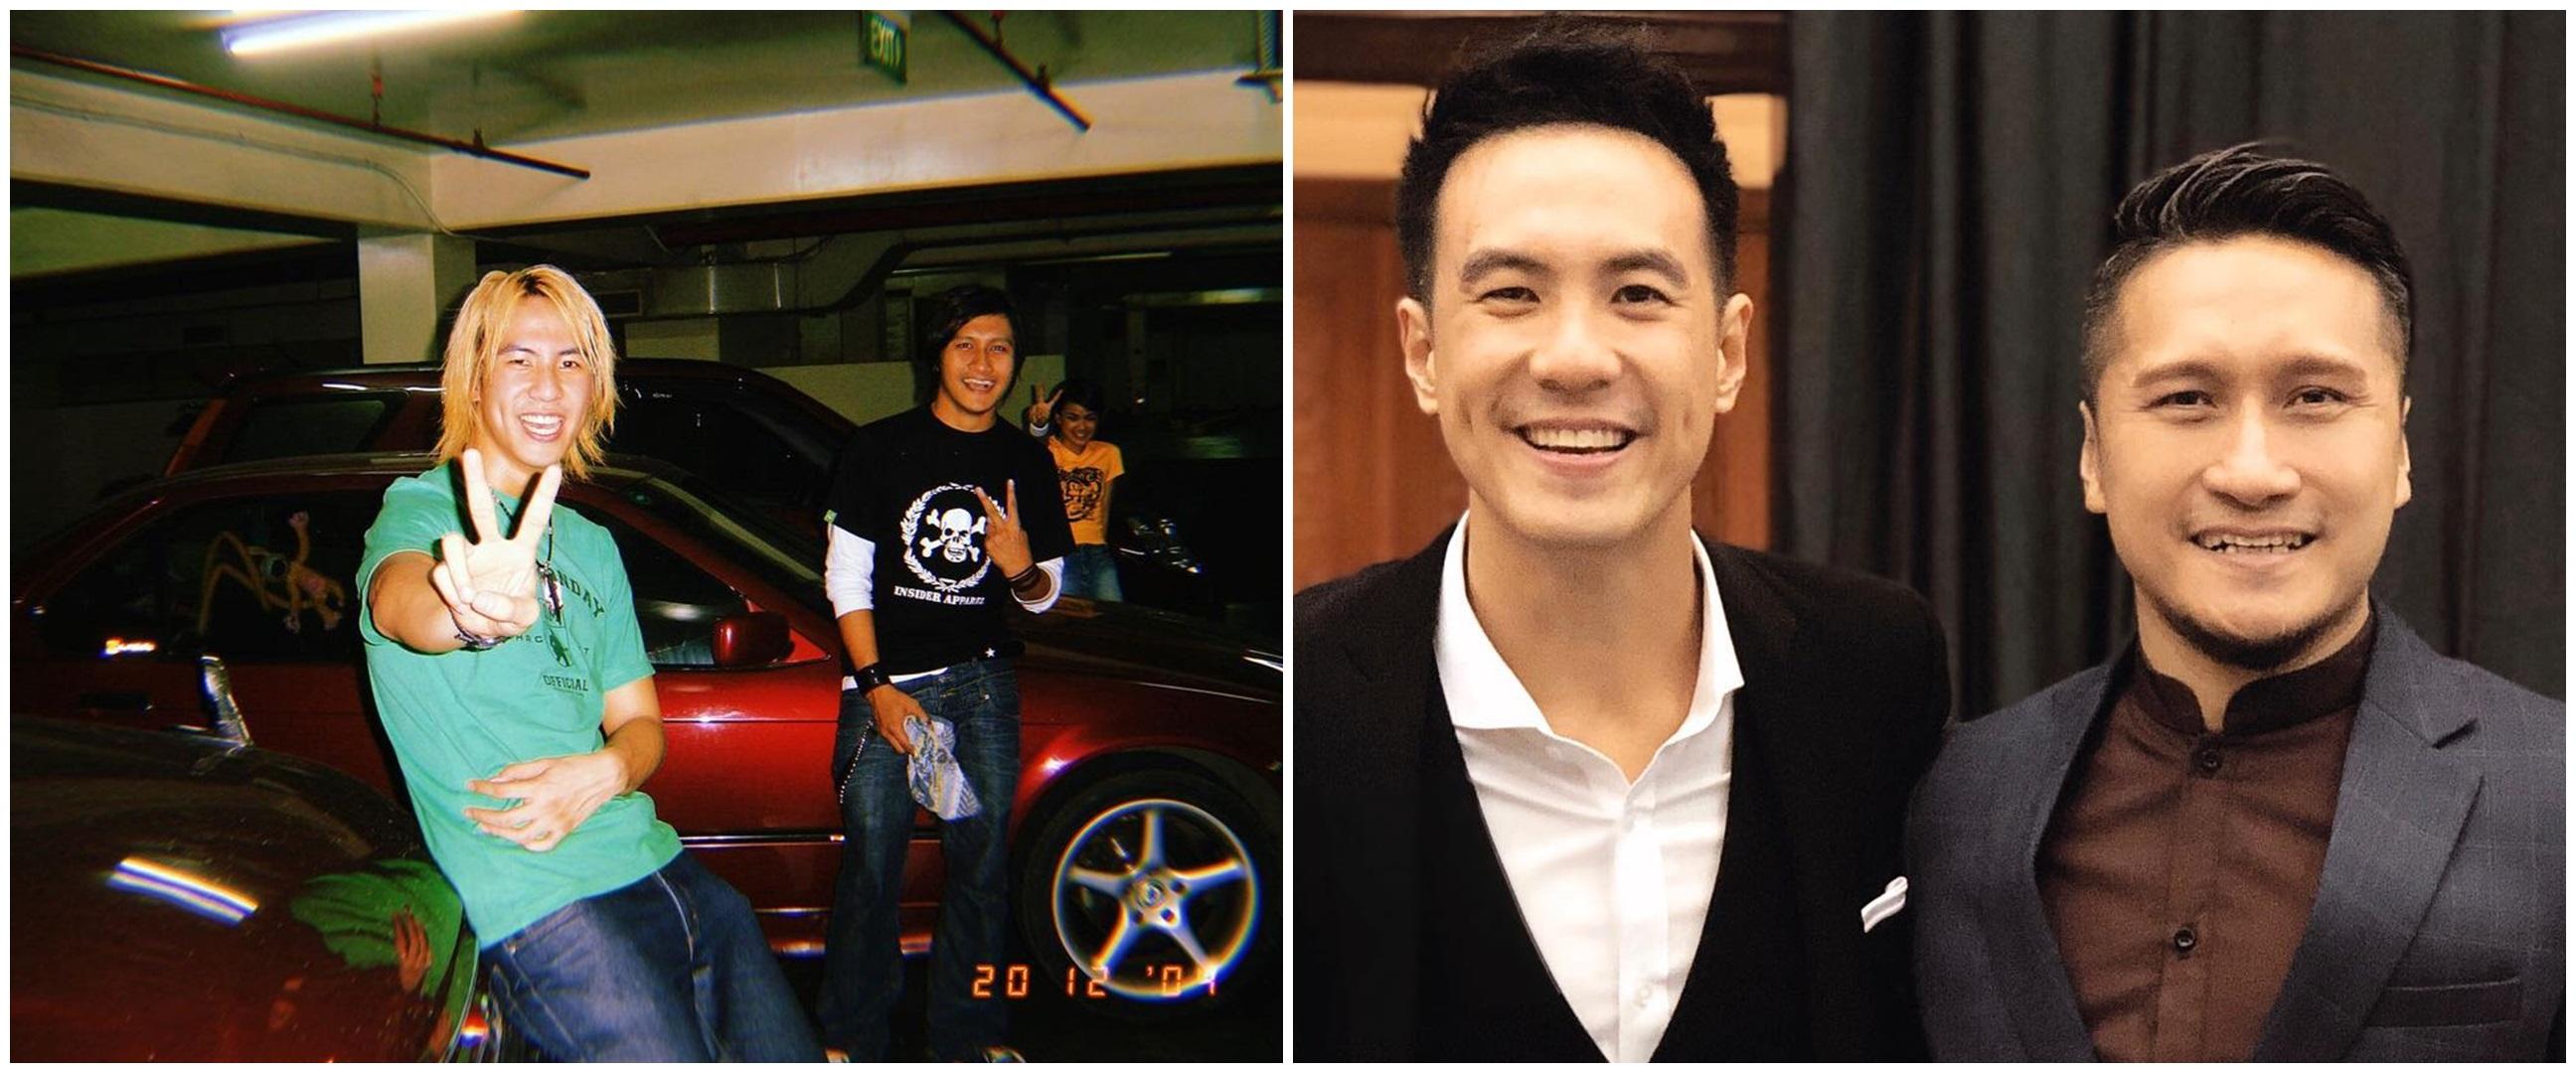 Belasan tahun bersahabat, ini 10 potret VJ Daniel dan Arie Untung